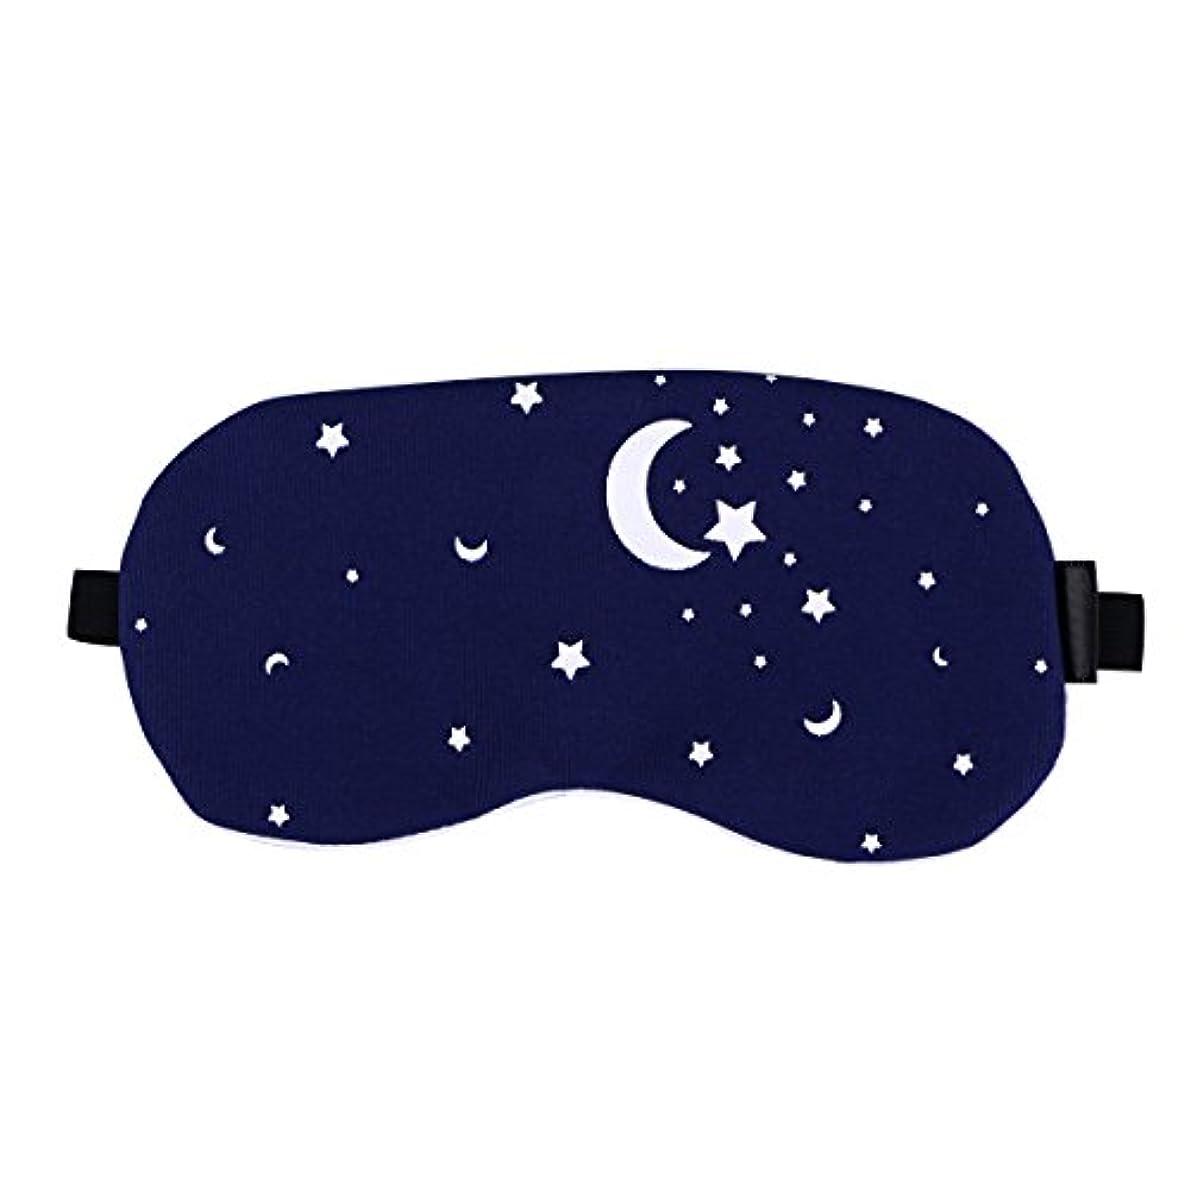 提供負荷トラブルHealifty 男性と女性のための夜の眠りの目のマスクの綿とリネンの睡眠の盲目の睡眠のマスクのアイカバー調節可能なアイシェード(星空)